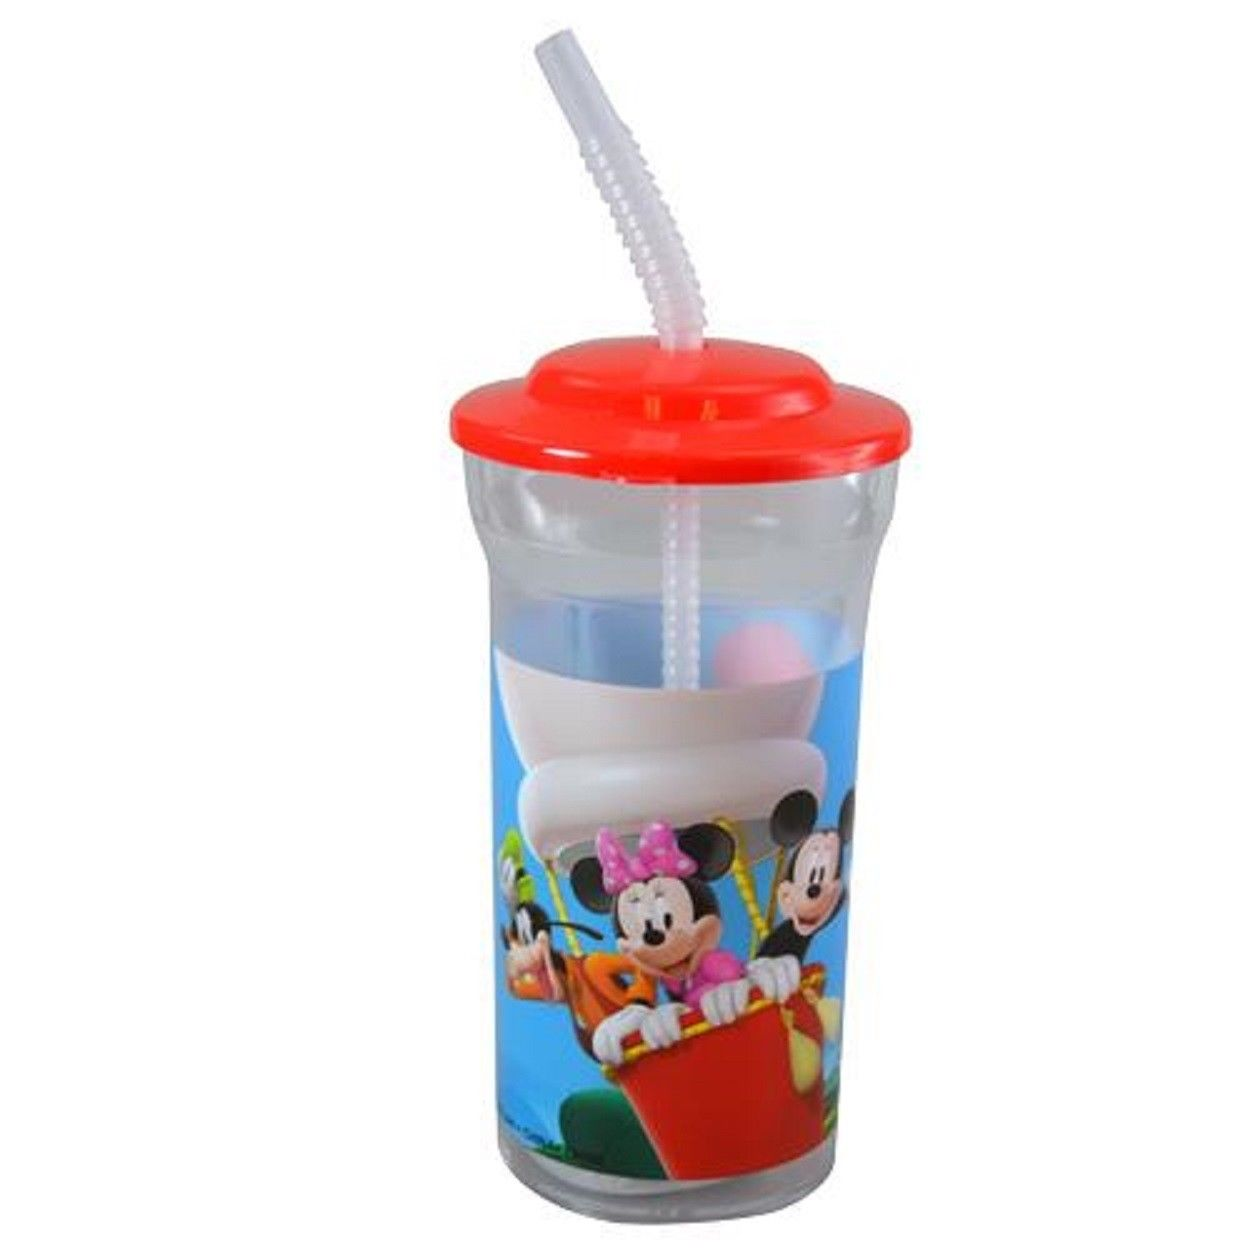 86c5938d15 Drink Bottle - Mickey Mouse - Water Bottle - Red - 16oz - w Straw -  Walmart.com